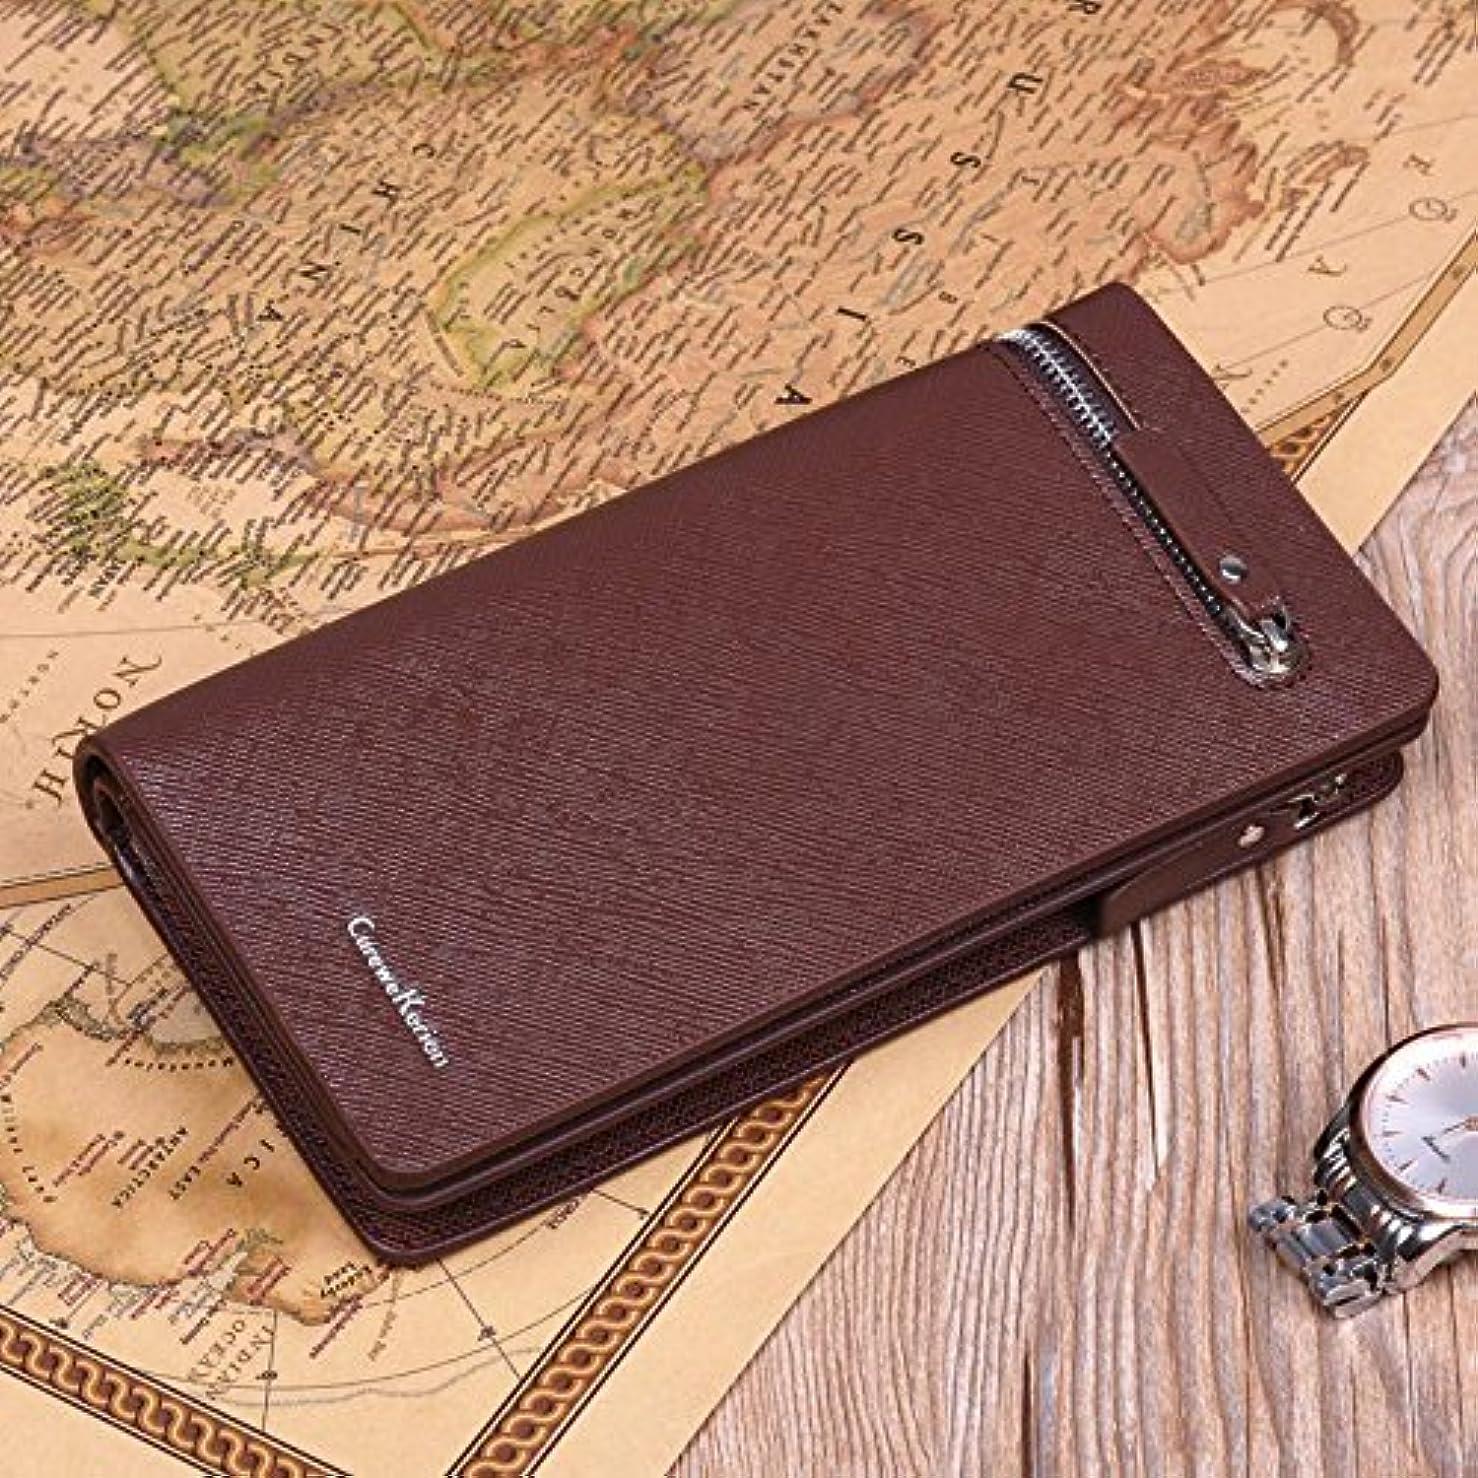 分類つば到着Jicorzo - メンズPUレザーロングジッパー財布ビジネススタイルウォレットカード現金領収書ホルダーカードのIDホルダー[クロスラインコーヒー]